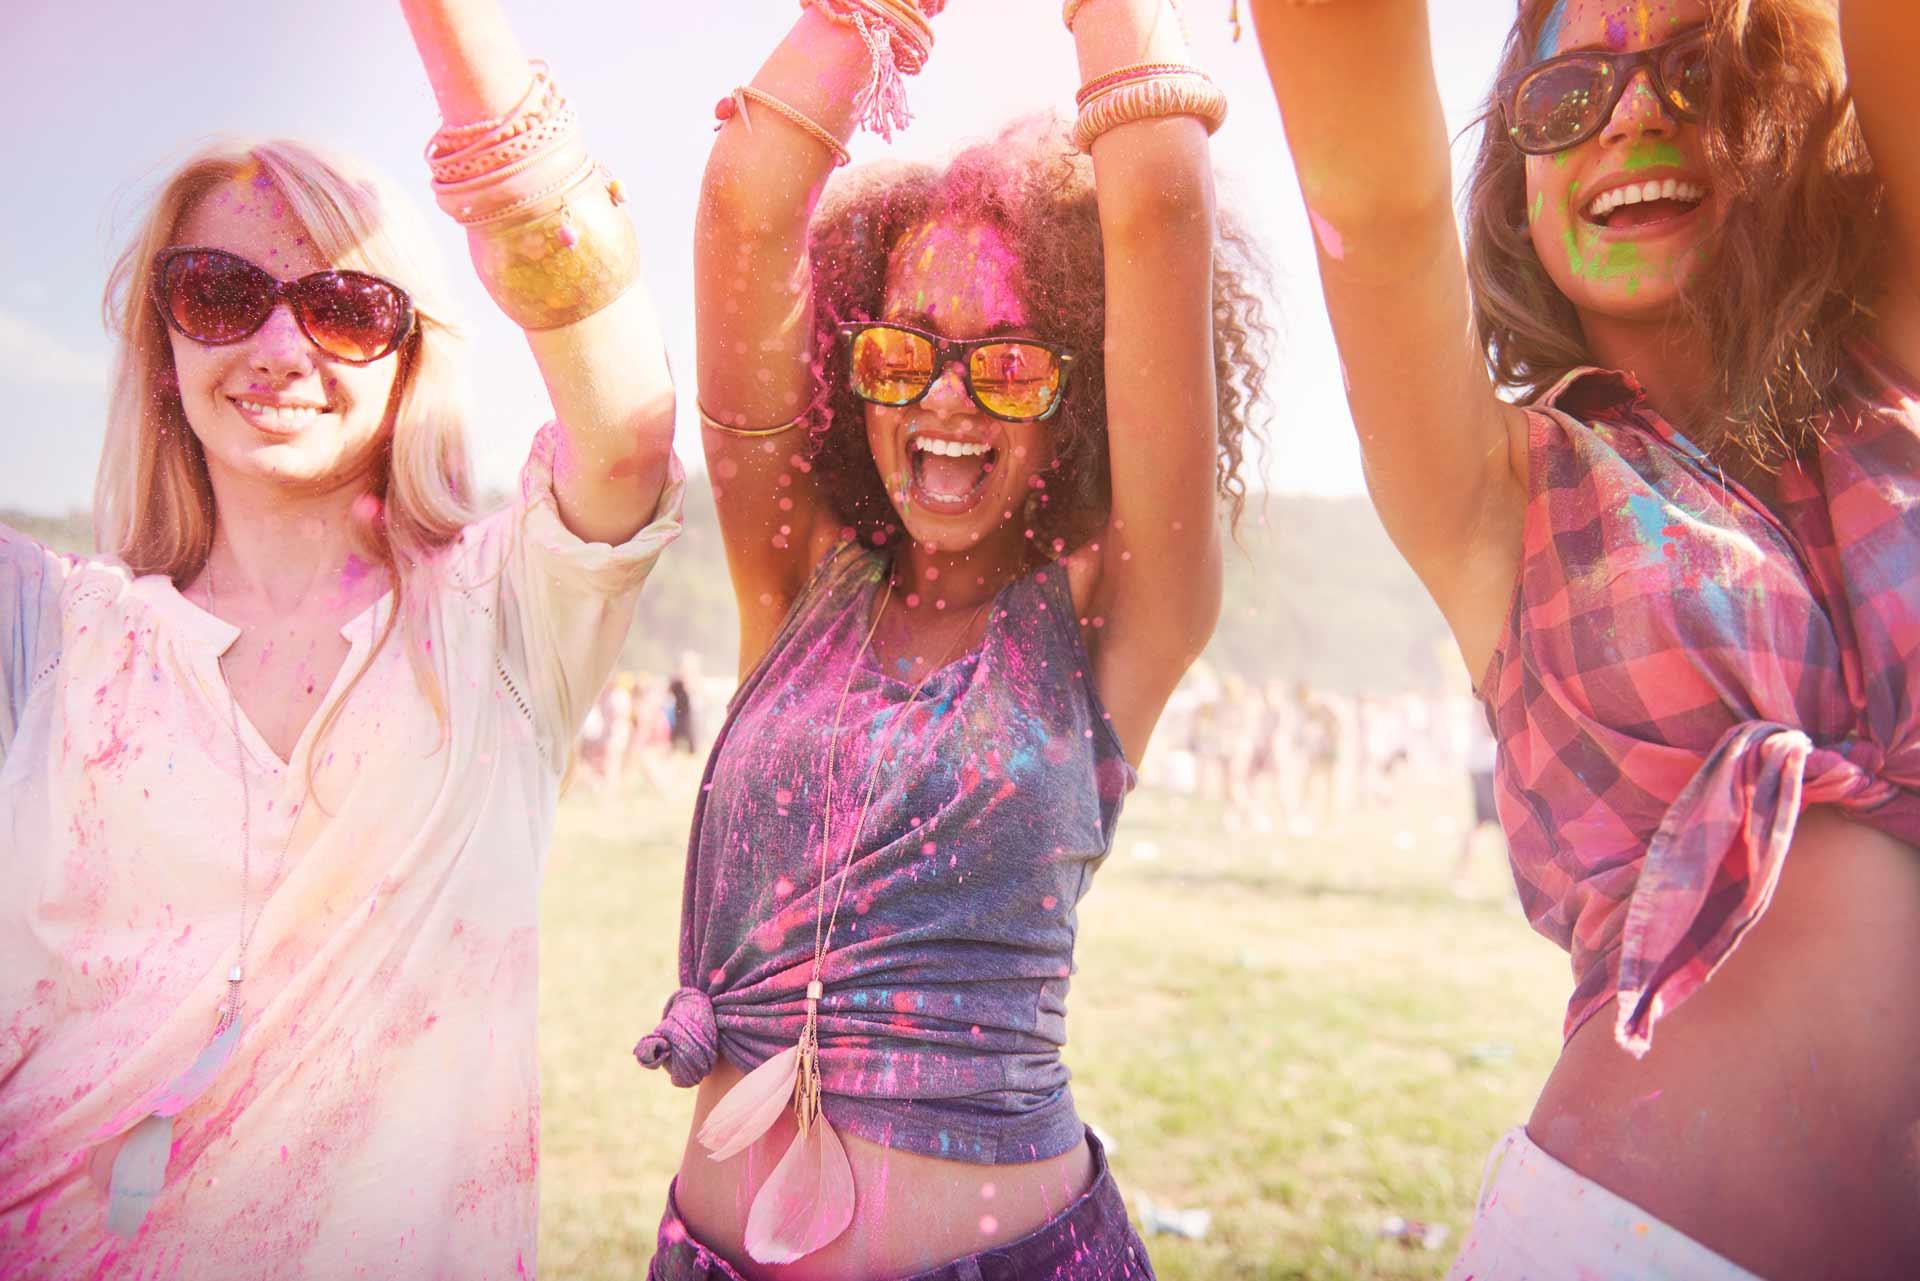 Sorridere colora la vita | Studio Dentistico Tonietti | Dentista a Brindisi